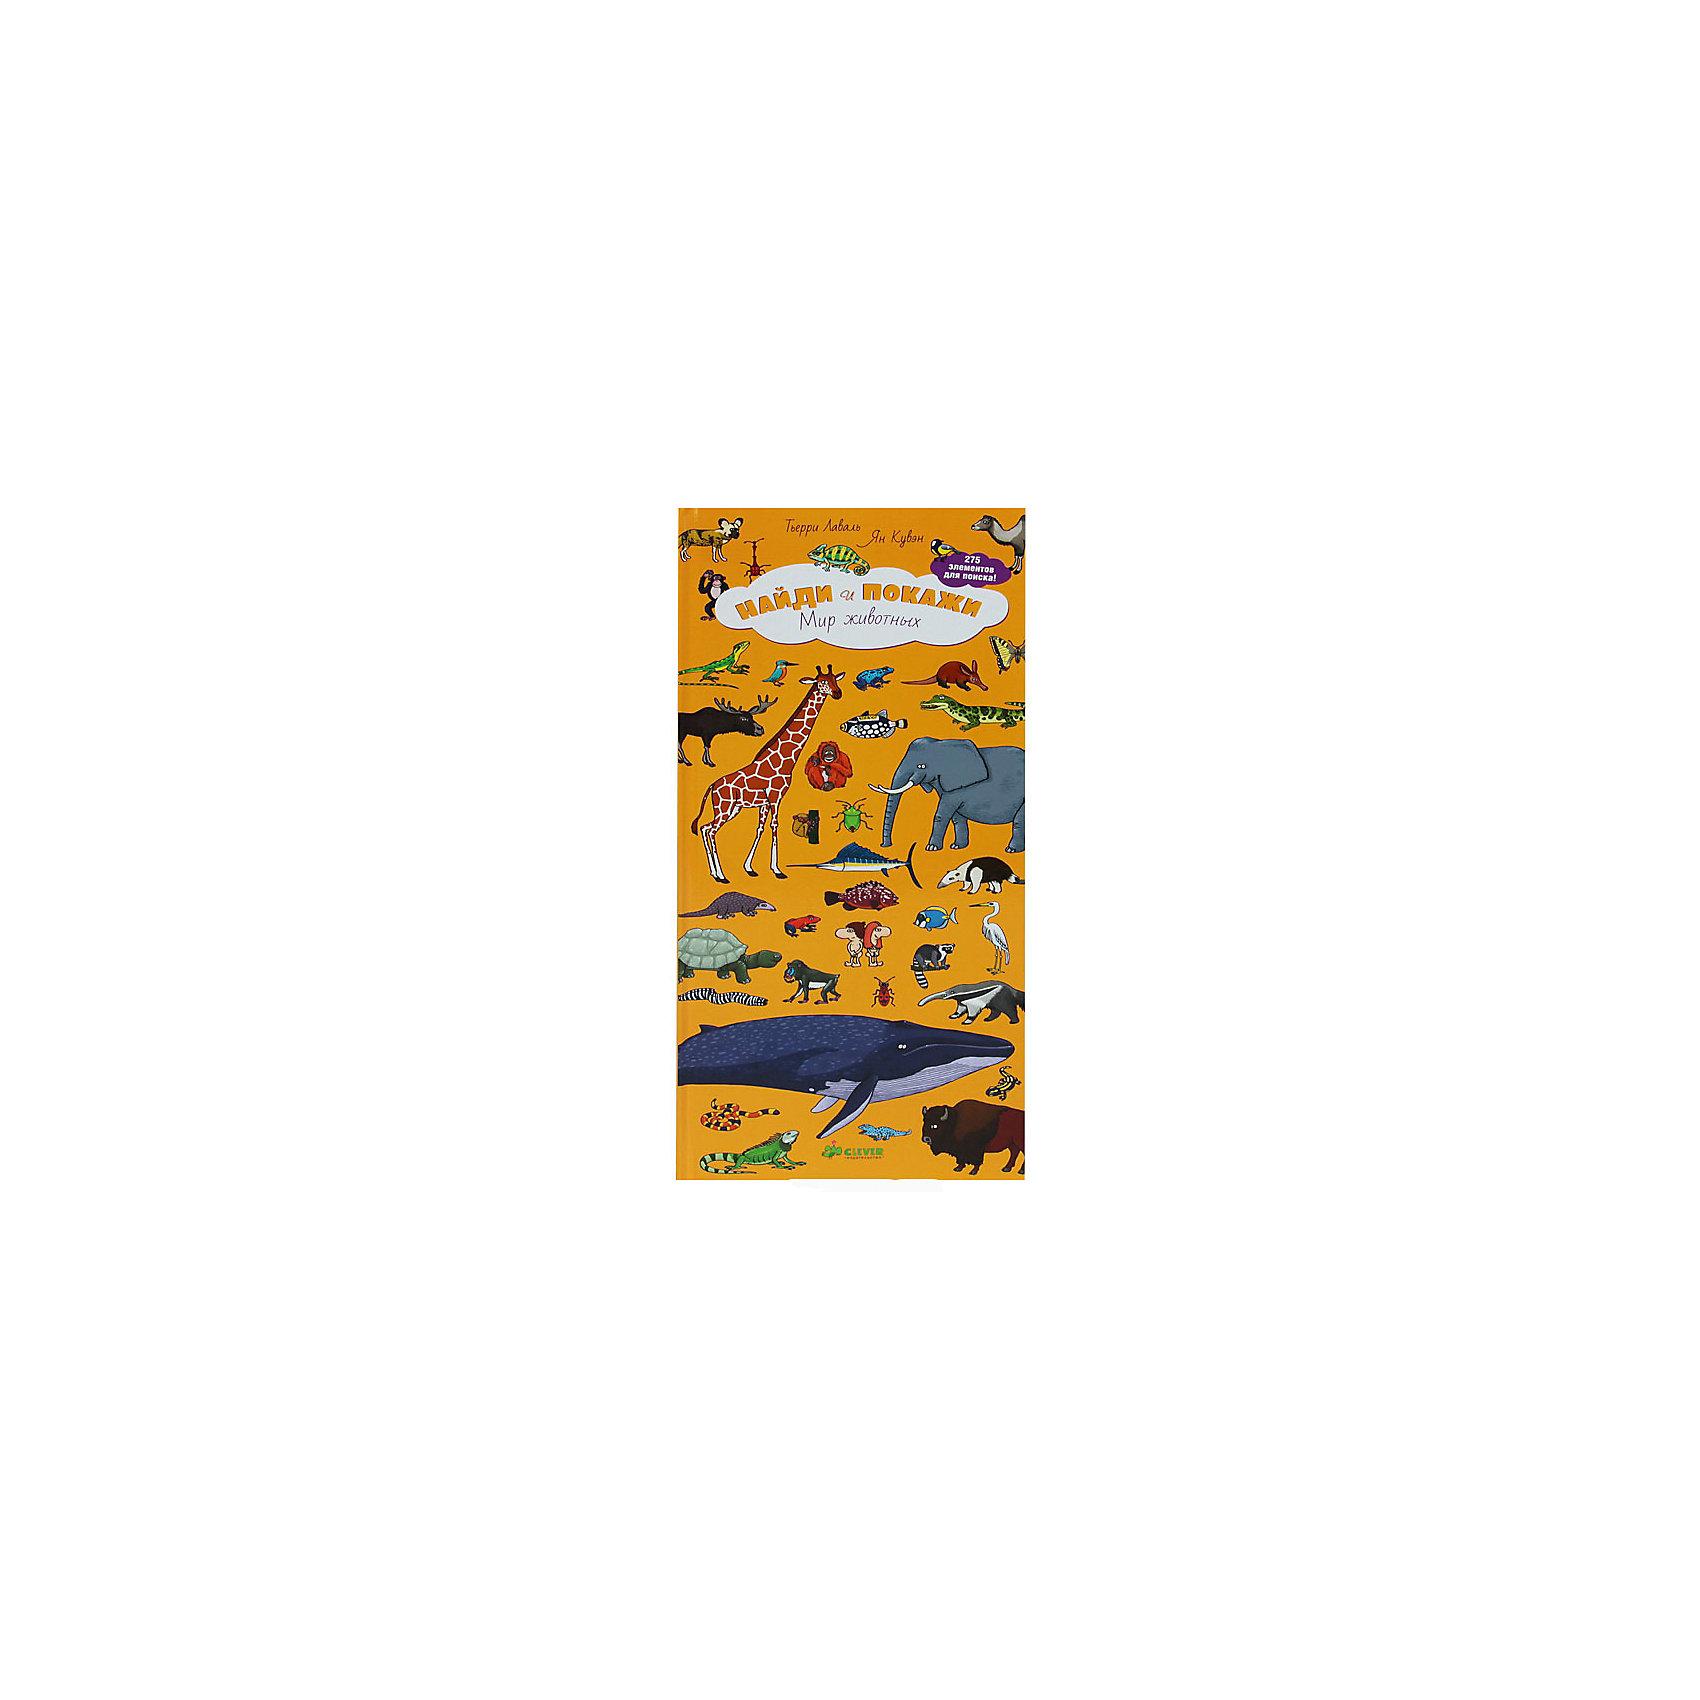 Найди и покажи Мир животныхНайди и покажи Мир животных – книга, в которой ребенка ждут яркие иллюстрации, множество элементов для поиска.<br>Эта удивительная книжка-раскладушка - захватывающий путеводитель по миру животных. Книга разделена на 5 частей: птицы, рыбы и морские млекопитающие, млекопитающие, рептилии и земноводные, насекомые и паукообразные. Ребенку предлагается сначала внимательно изучить 275 представителя животного мира на клапанах, а затем развернуть одну из пяти панорамок и найти их! Страницы раскладываются, увеличивая площадь книги в два раза. С книгой можно играть всей семьей или с друзьями выполняя задания на скорость, разбившись на команды. Книга тренирует память, внимание.<br><br>Дополнительная информация:<br><br>- Для детей от 5 до 9 лет.<br>- Автор: Лаваль Тьерри, Кувэн Ян<br>- Переводчик: Соколова Дарья<br>- Издательство: Клевер Медиа Групп, 2013 г.<br>- Серия: Найди и покажи<br>- Тип обложки: 7Бц - твердая, целлофанированная (или лакированная)<br>- Количество страниц: 10 (картон)<br>- Иллюстрации: цветные<br>- Размер: 375x165x16 мм.<br>- Вес: 564 гр.<br><br>Книгу Найди и покажи Мир животных можно купить в нашем интернет-магазине.<br><br>Ширина мм: 165<br>Глубина мм: 375<br>Высота мм: 15<br>Вес г: 670<br>Возраст от месяцев: 0<br>Возраст до месяцев: 36<br>Пол: Унисекс<br>Возраст: Детский<br>SKU: 4419606